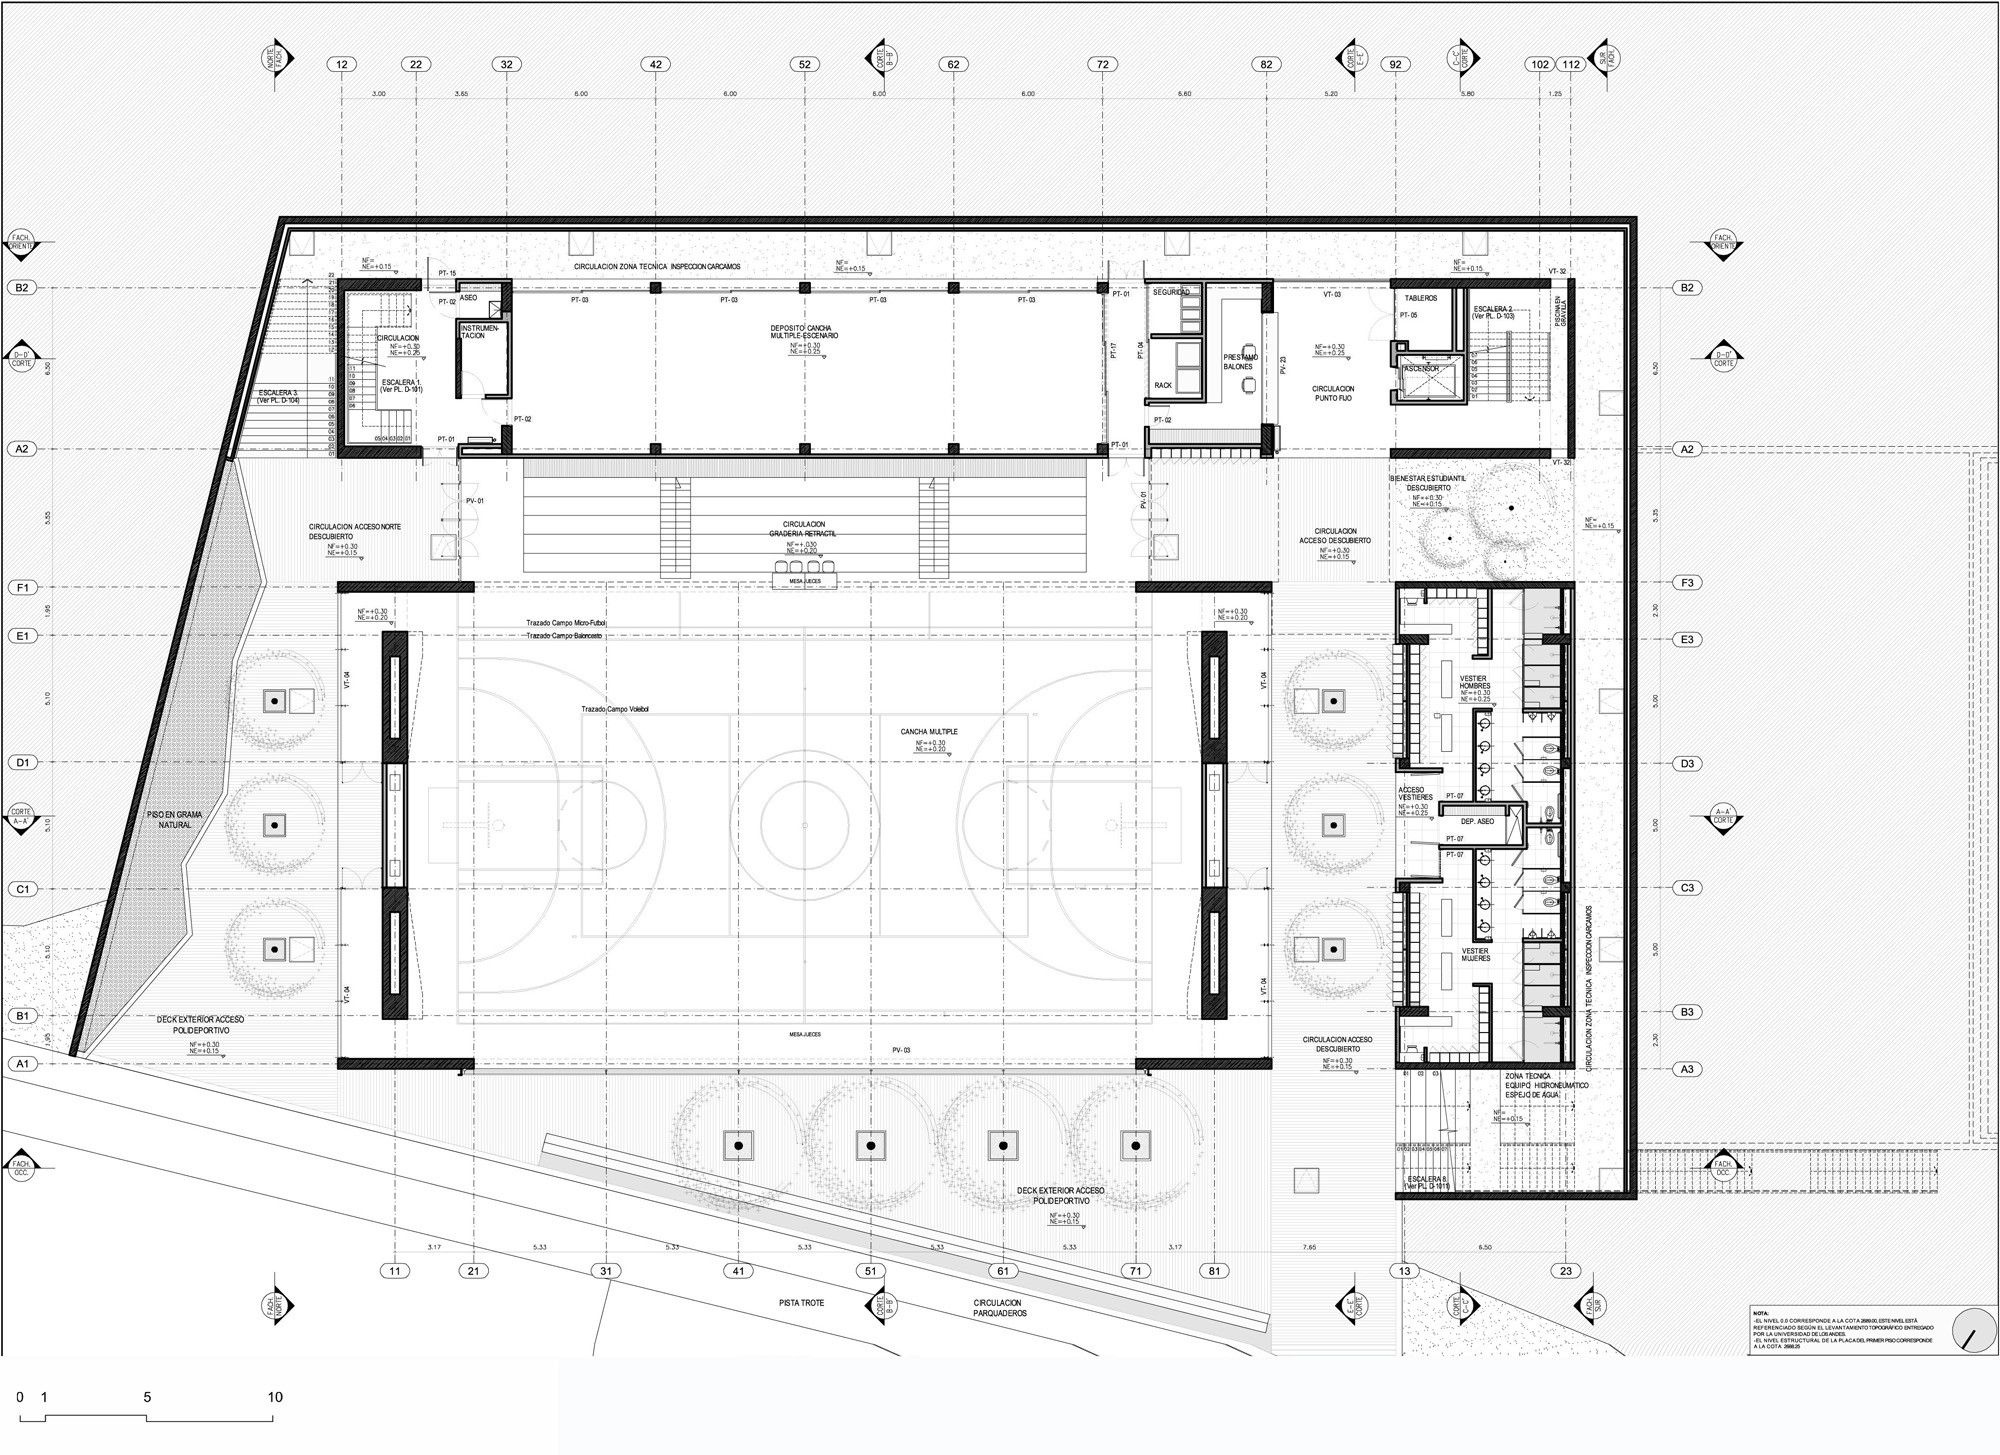 Gallery of universidad de los andes sport facilities mgp arquitectura y urbanismo 22 for Sports complex planning design